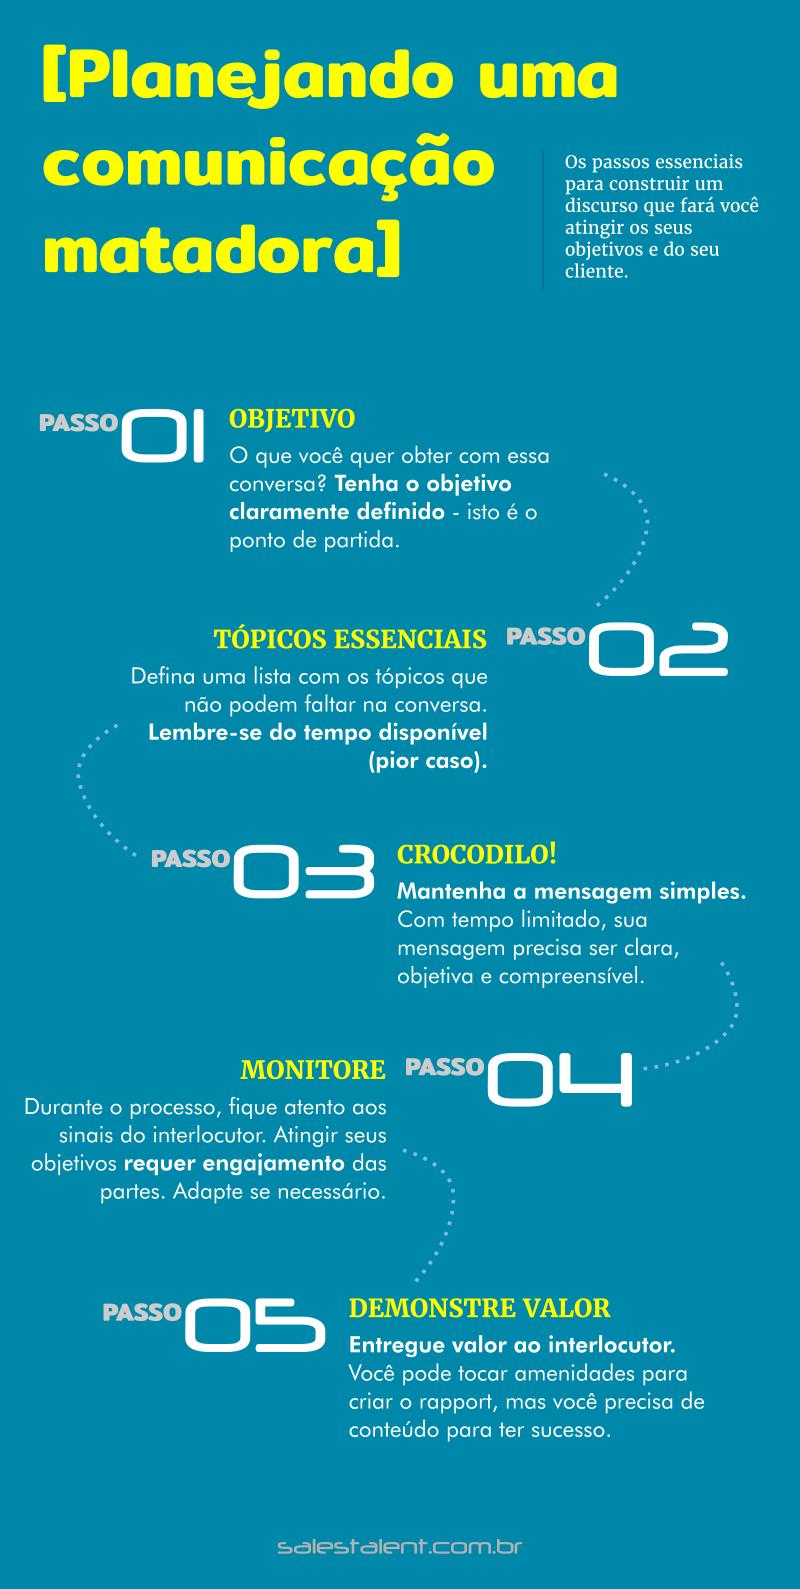 LGA0003-Infografico-Comunicacao